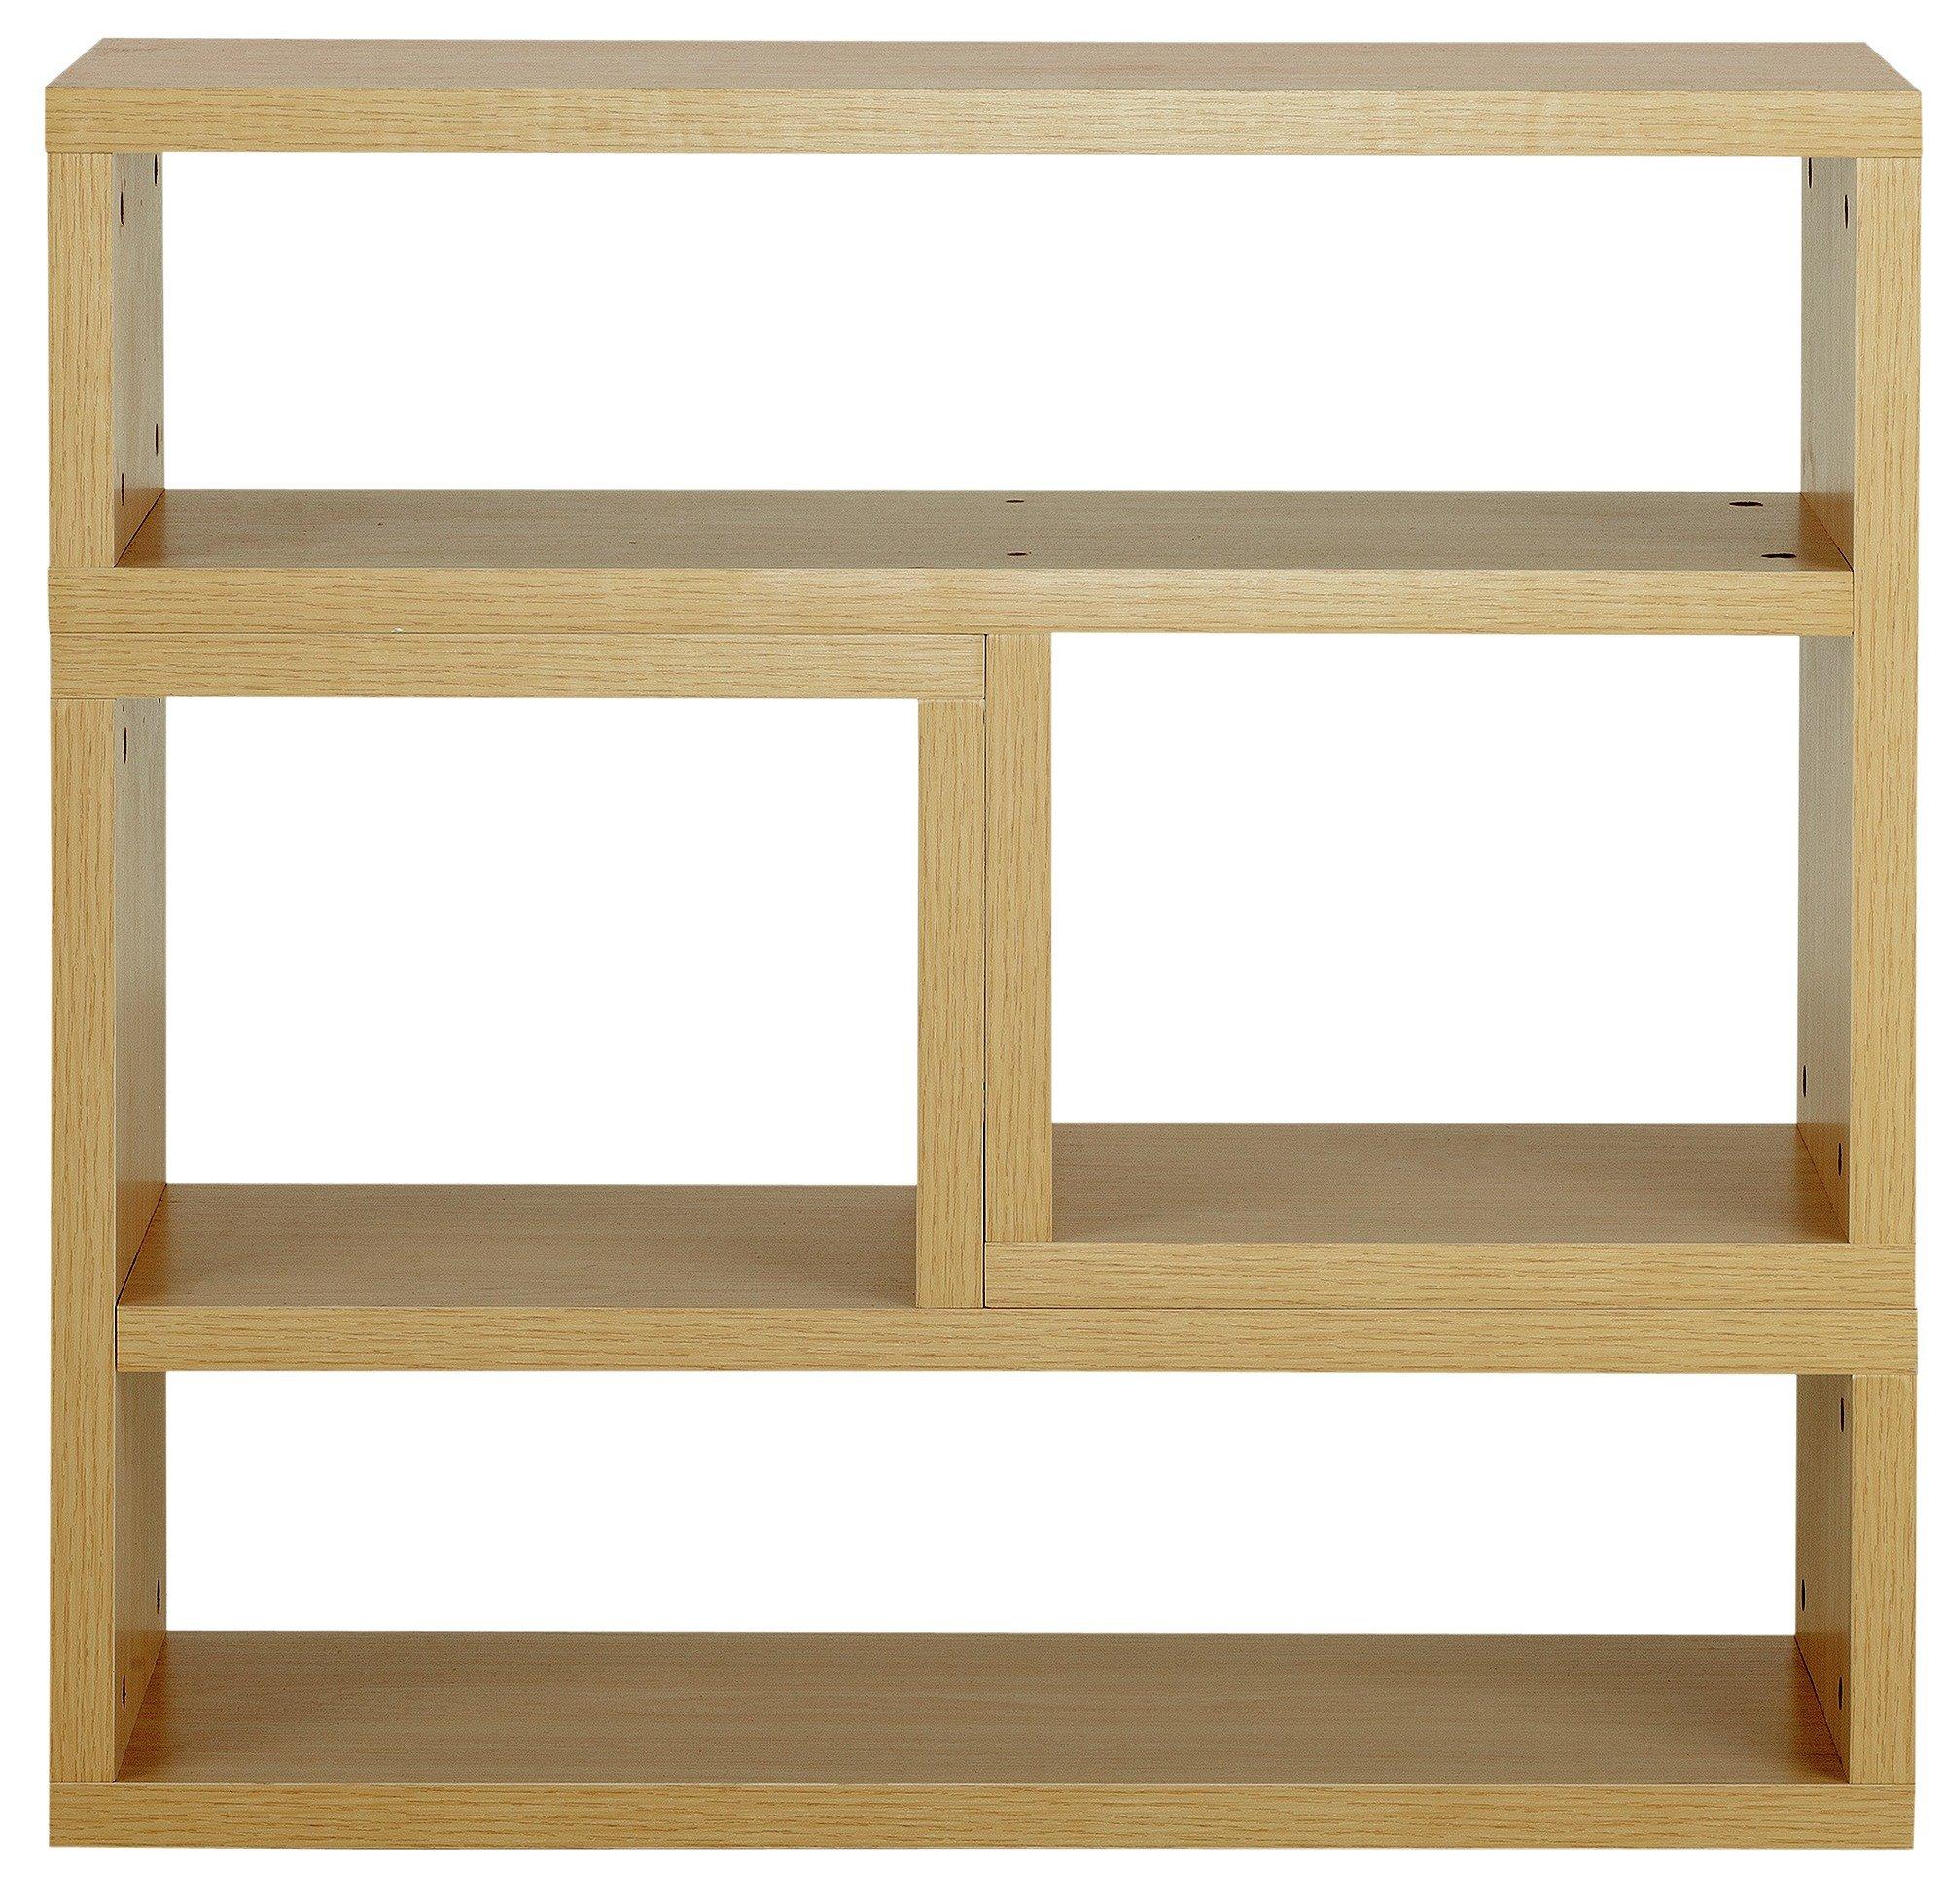 Argos Home Oscar 2 Shelf Set of 2 L Storage Units review